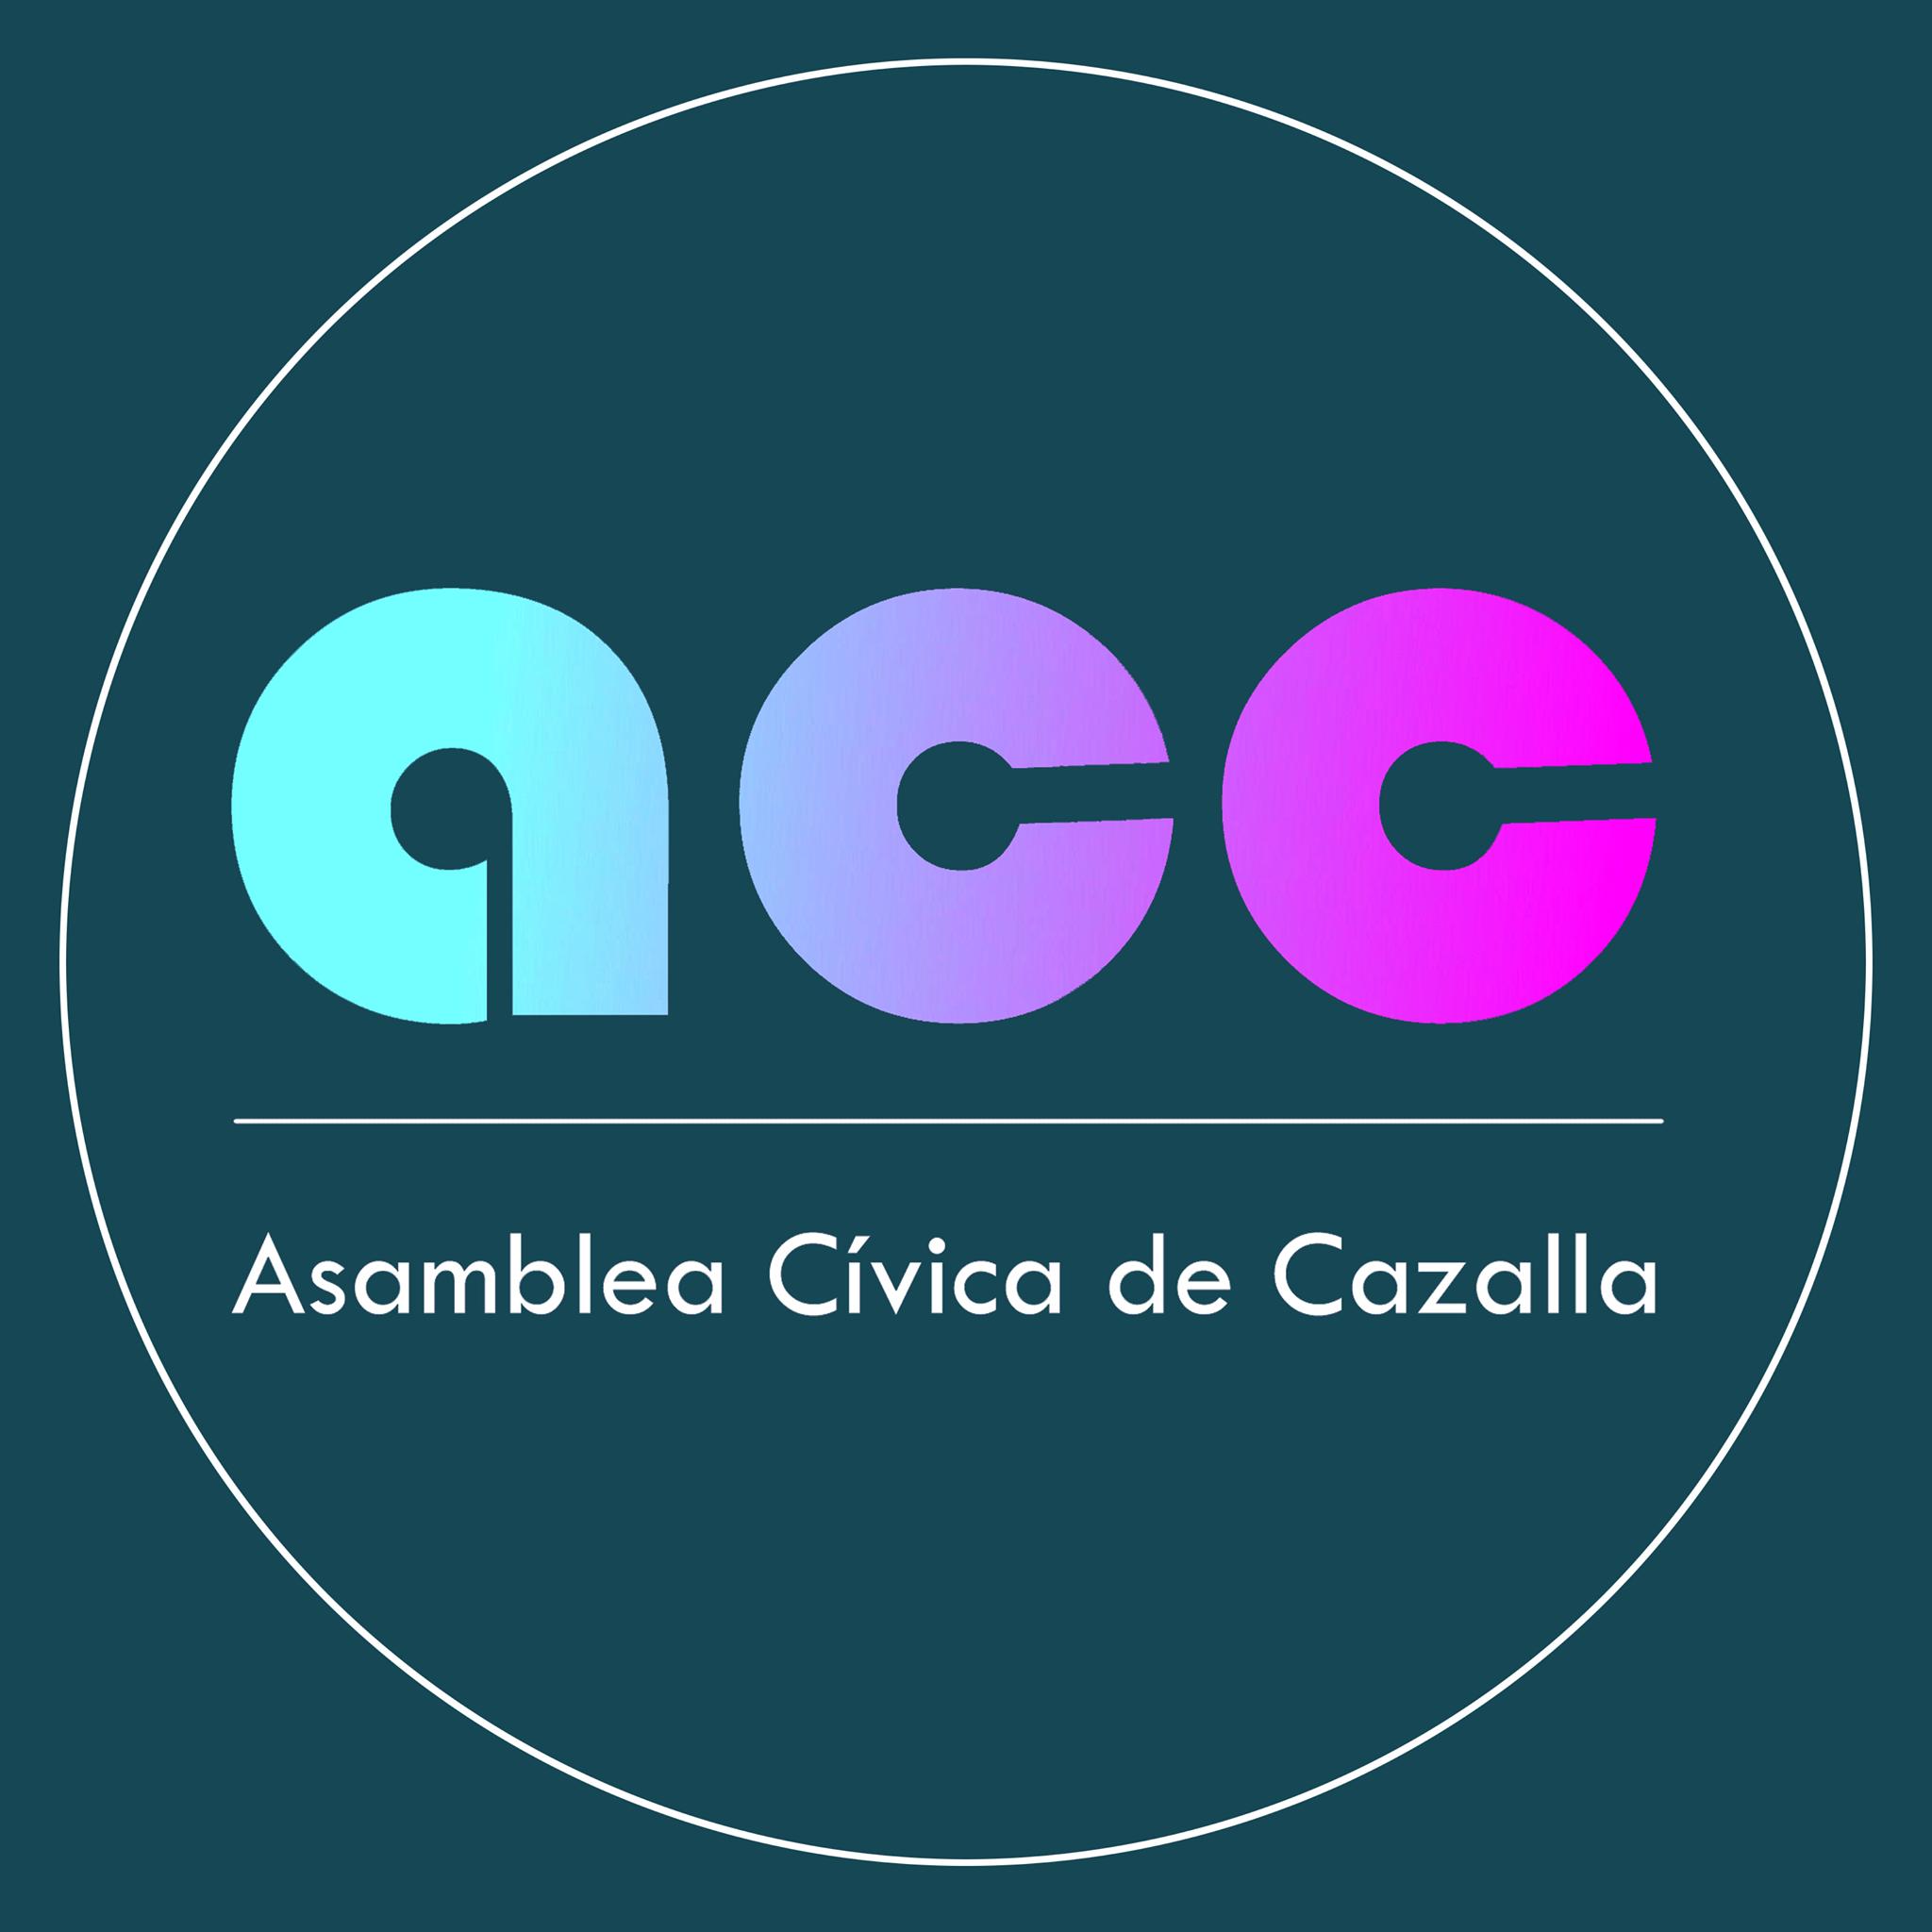 ASAMBLEA CÍVICA DE CAZALLA